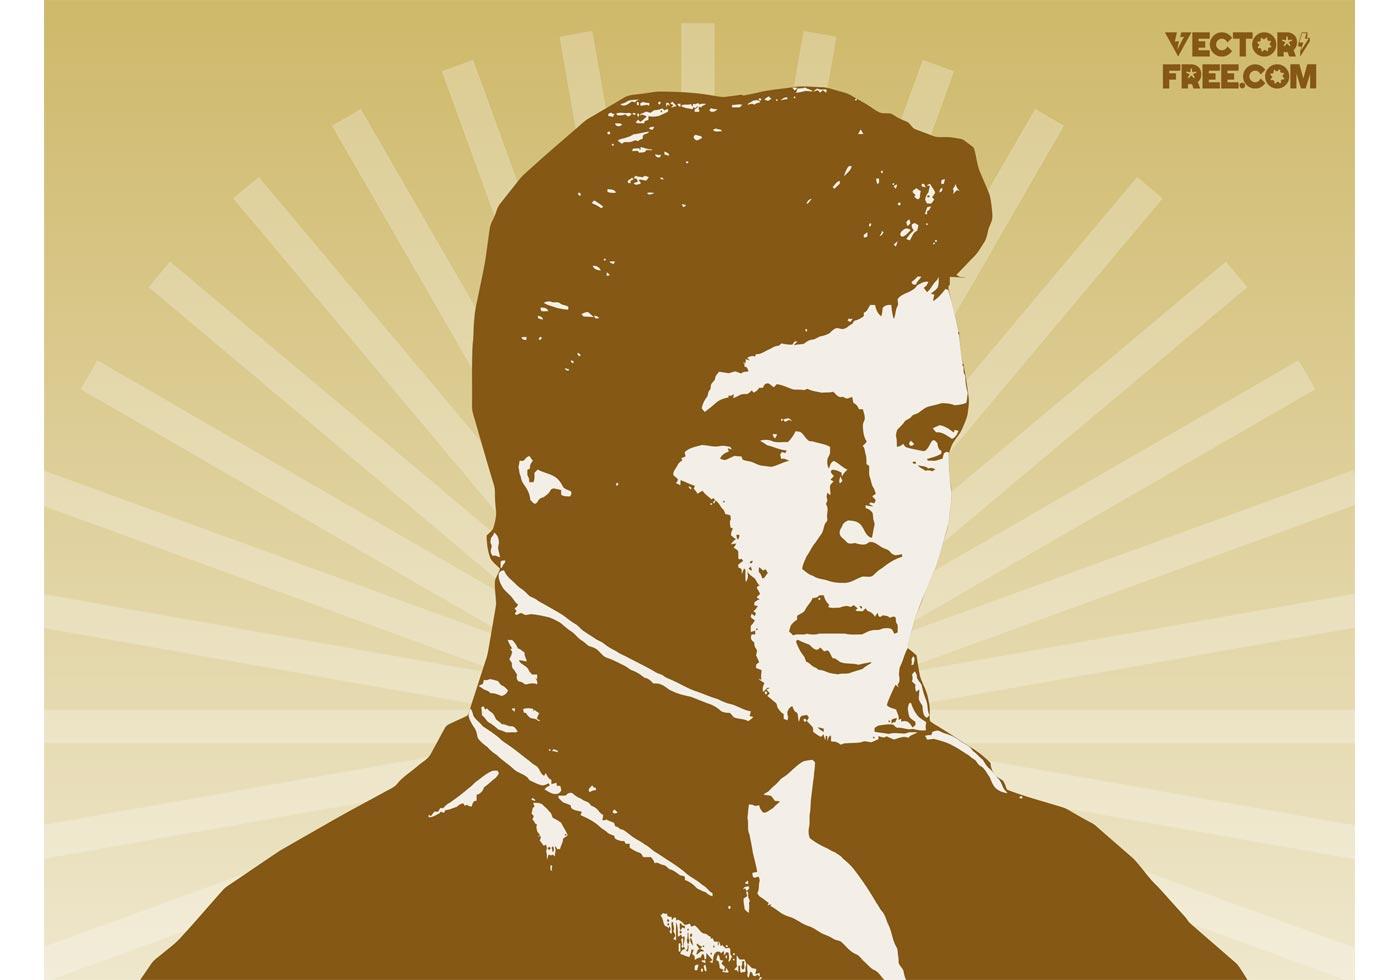 Elvis Presley - Download Free Vector Art, Stock Graphics & Images